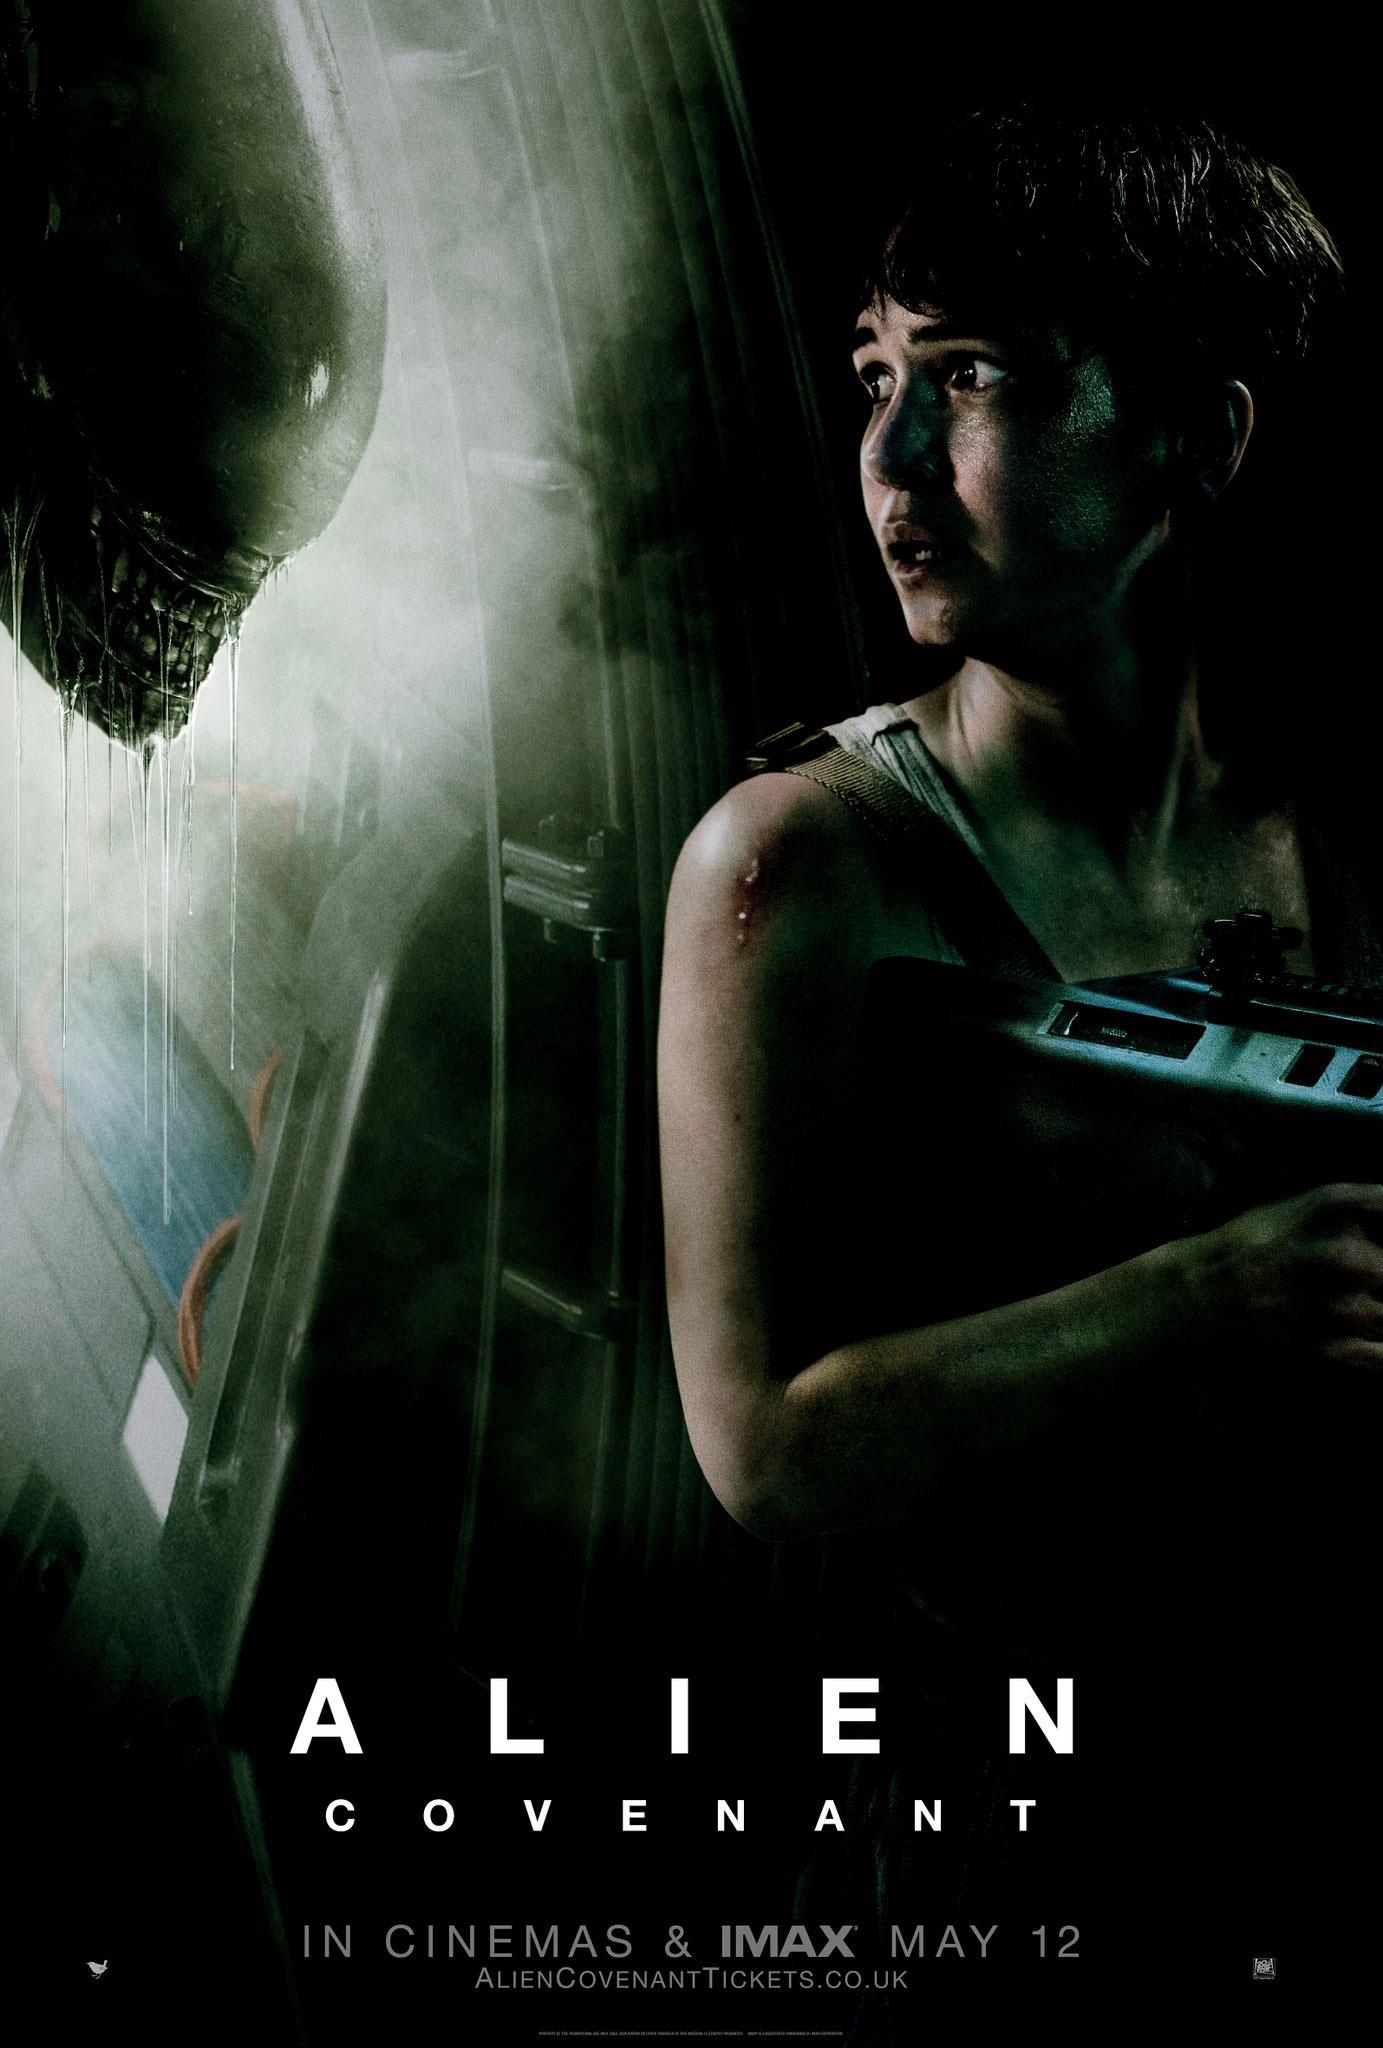 szmk_alien_covenant_poster_1.jpg